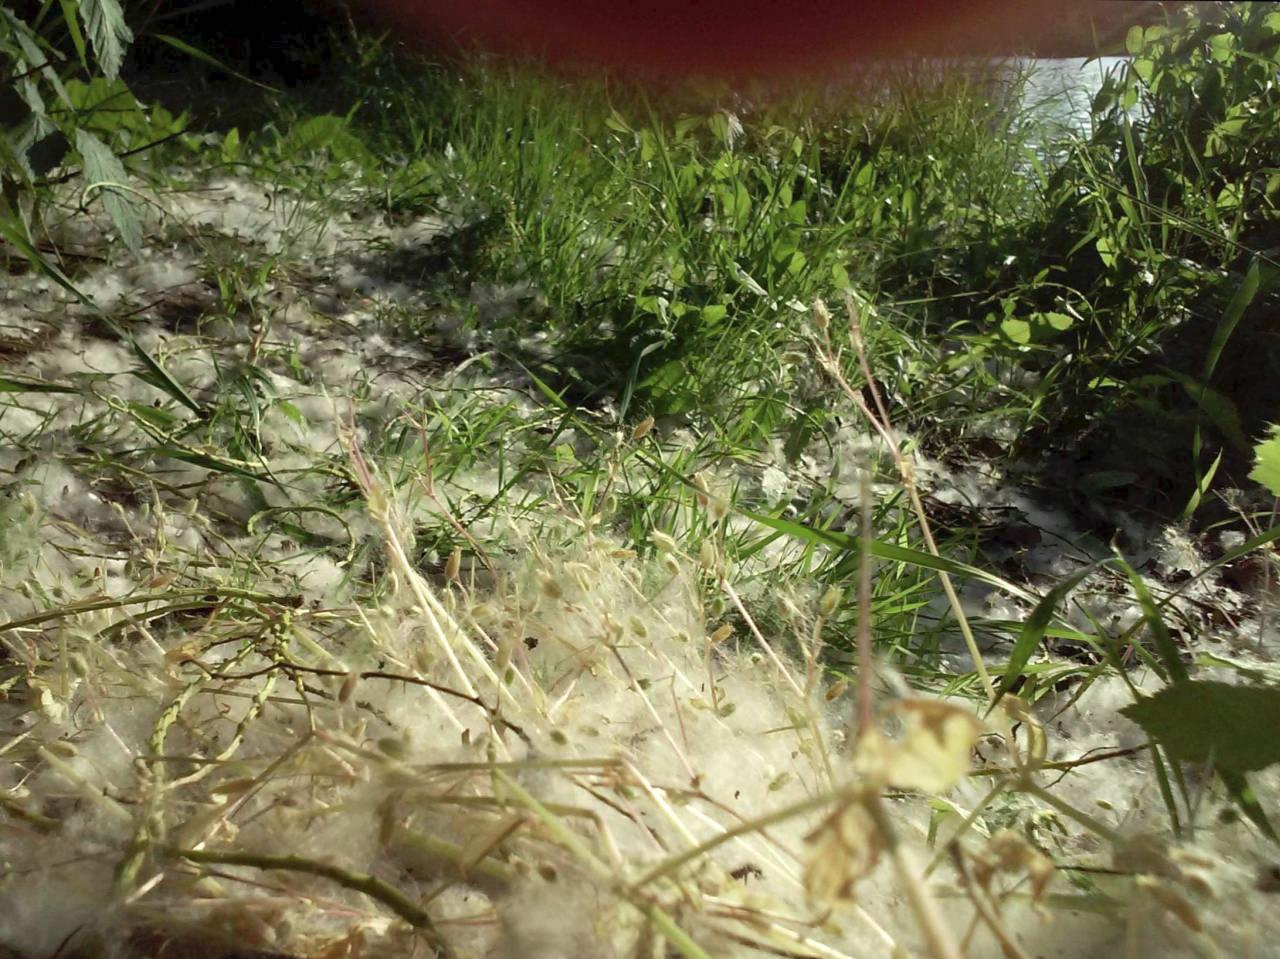 365/328 - Nyárfaszöszmösz-áradás